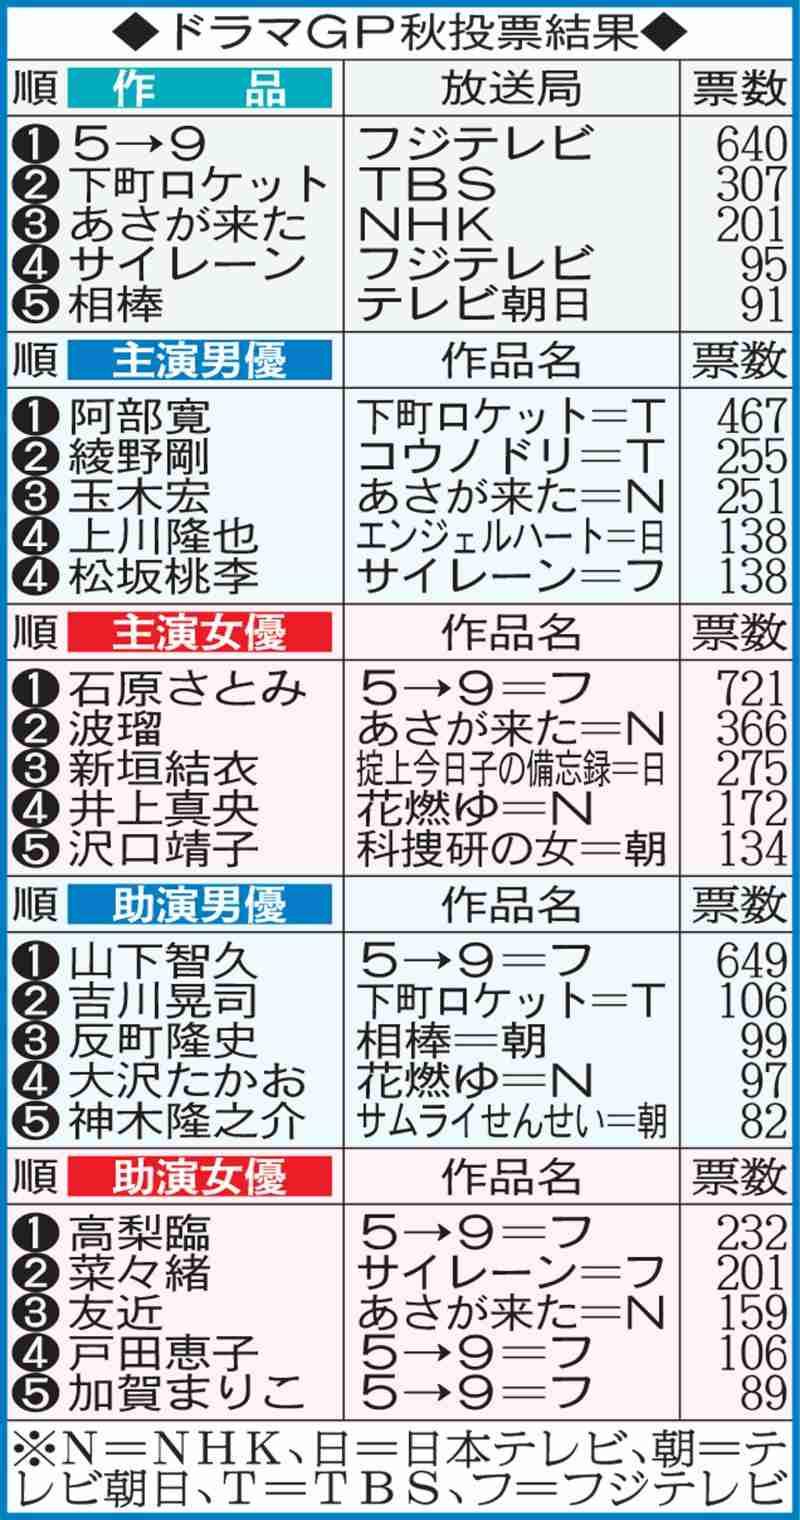 フジ「5→9~私に恋した-」4冠 ドラマGP秋 - ドラマ : 日刊スポーツ